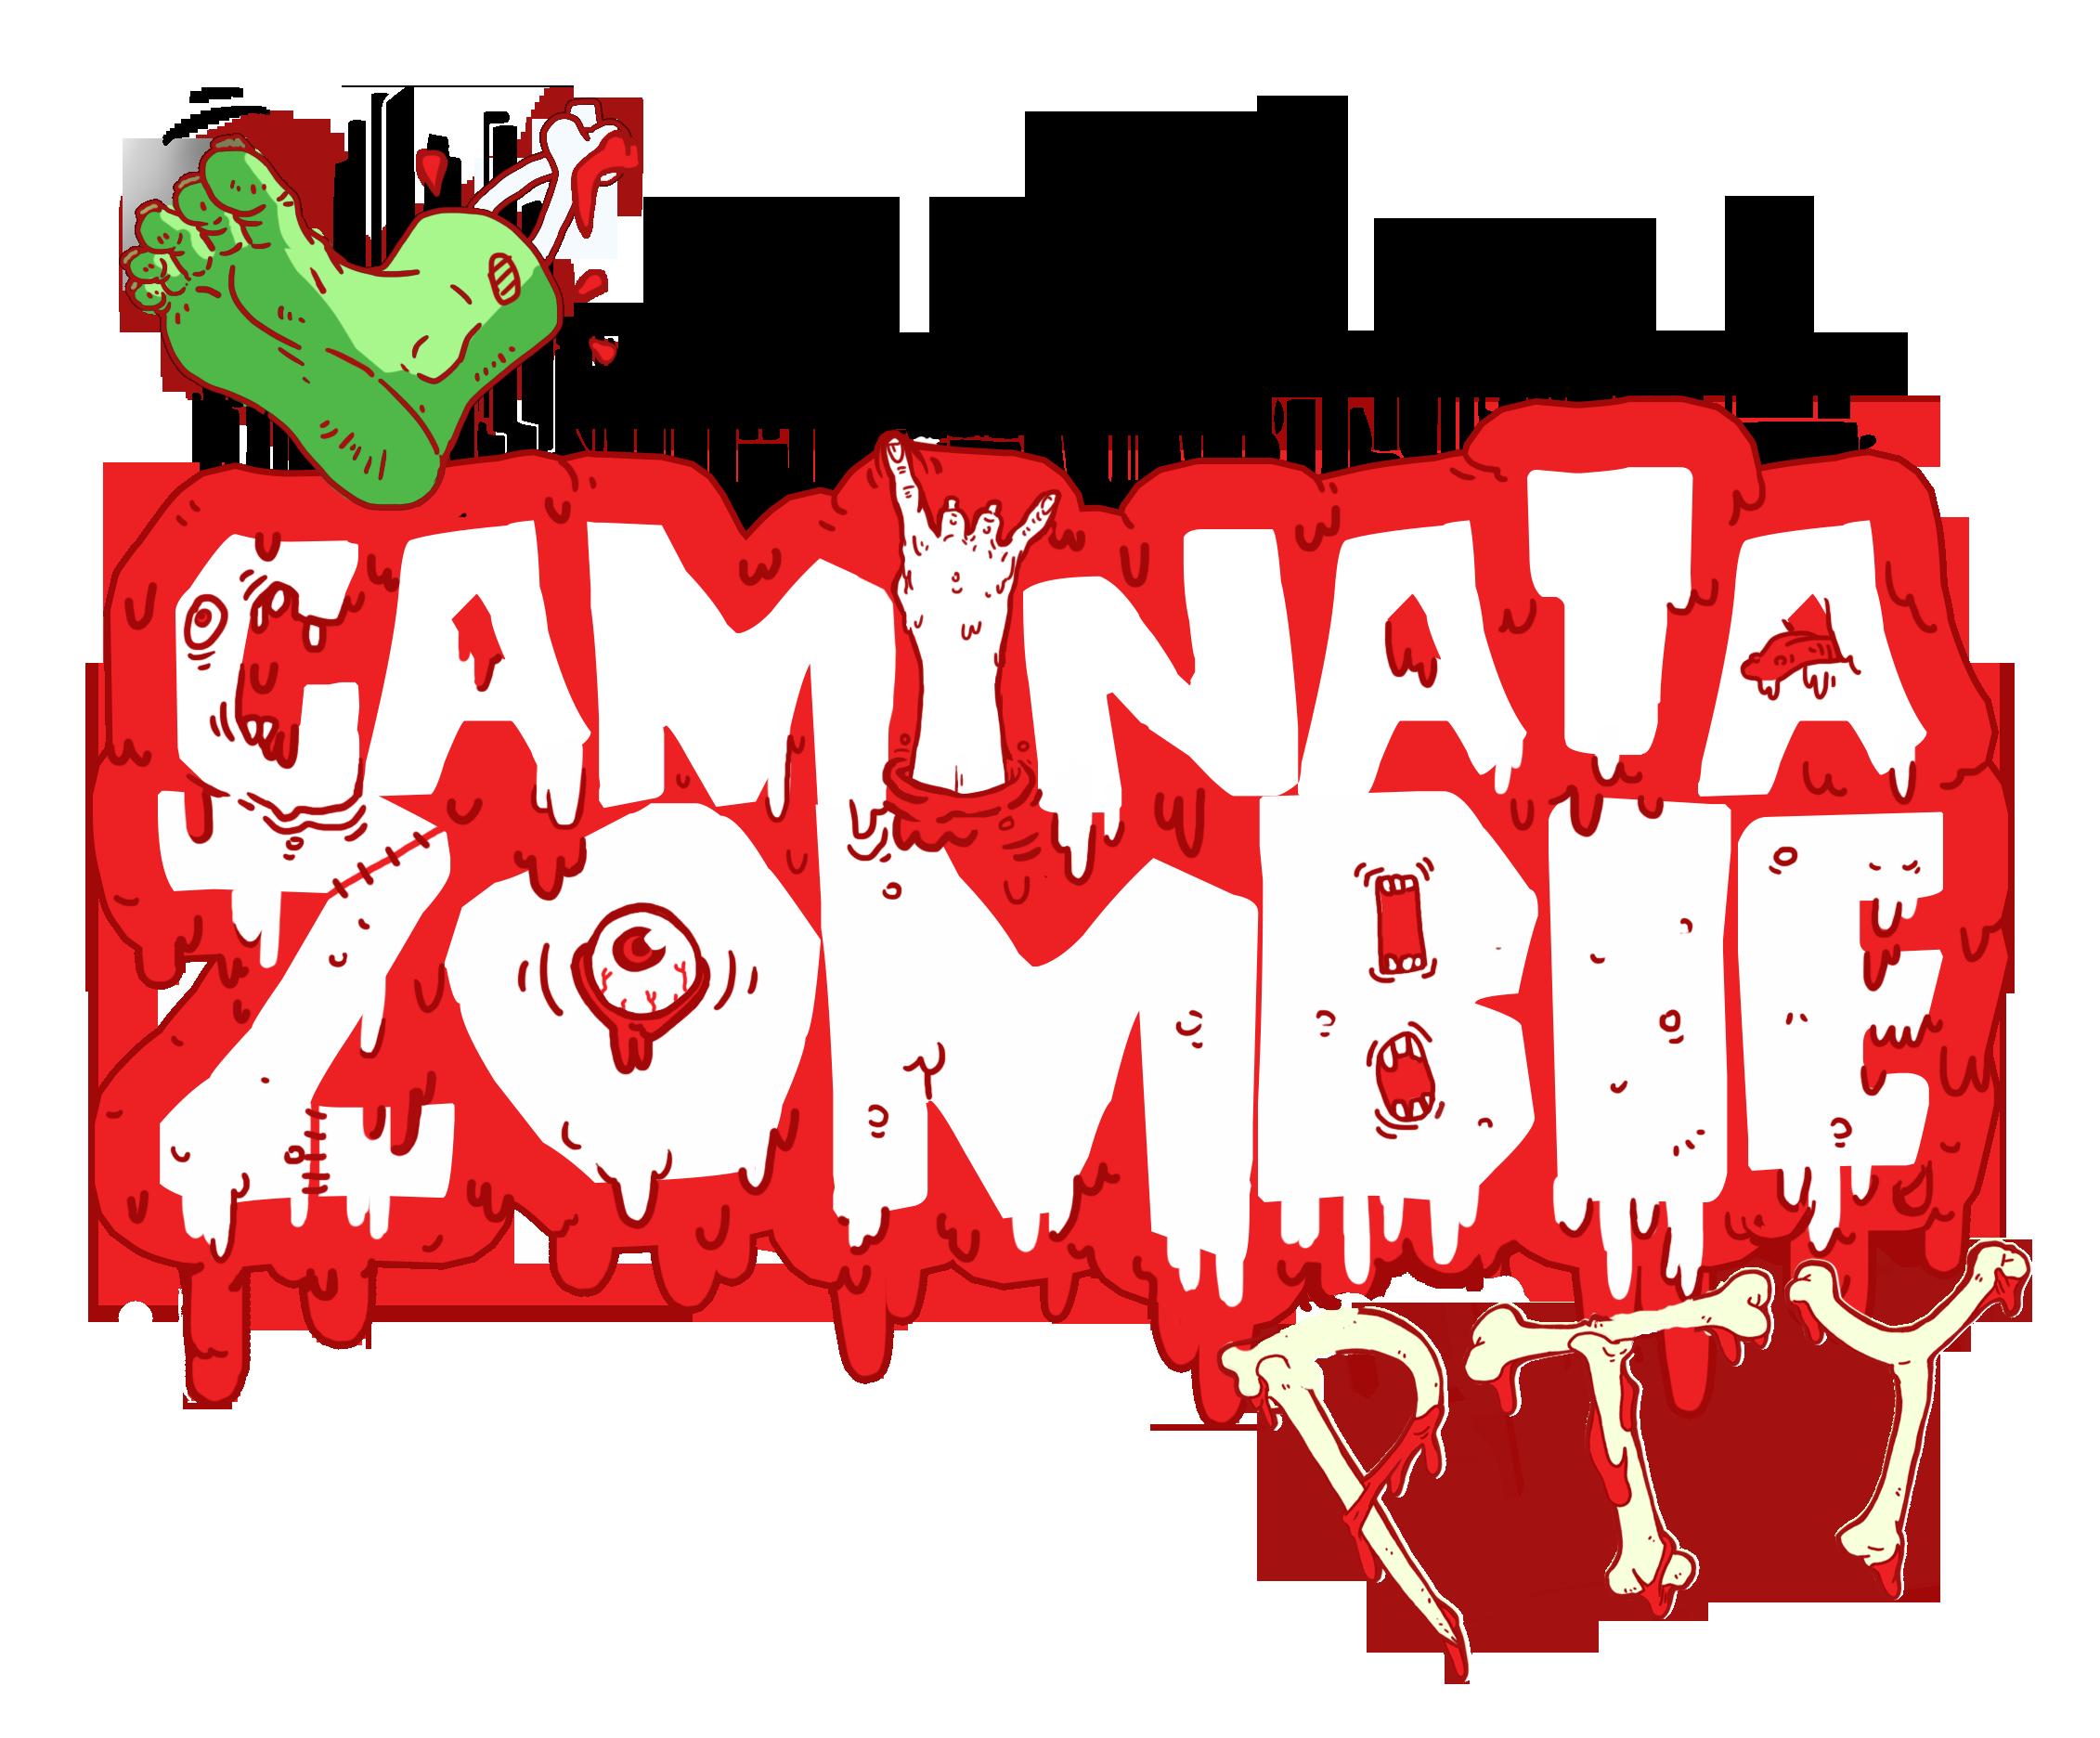 caminata zombie panama 2015 logo